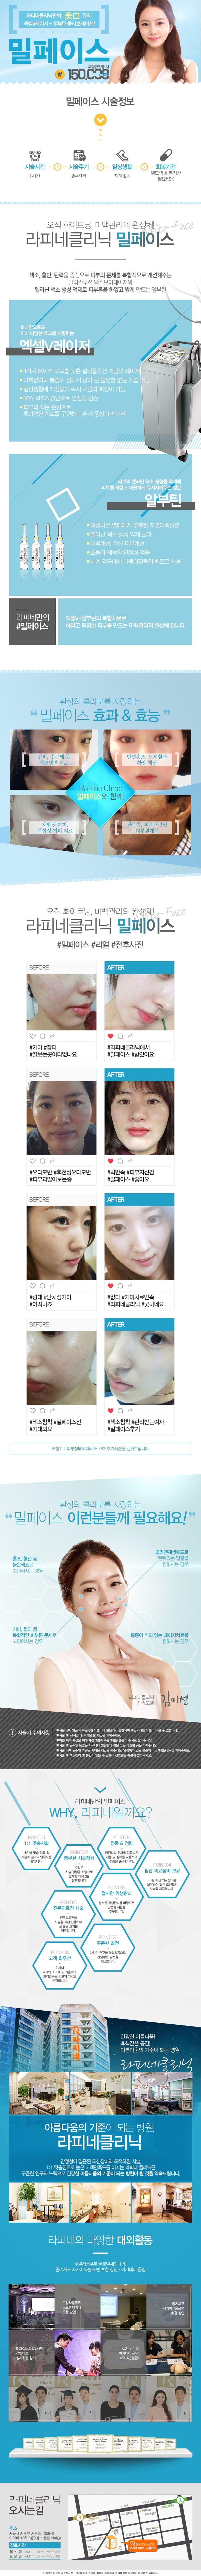 피부과 서브페이지 디자인, 랜딩페이지, 이벤트페이지  landing page, subpage design for dermatology web site, Event page